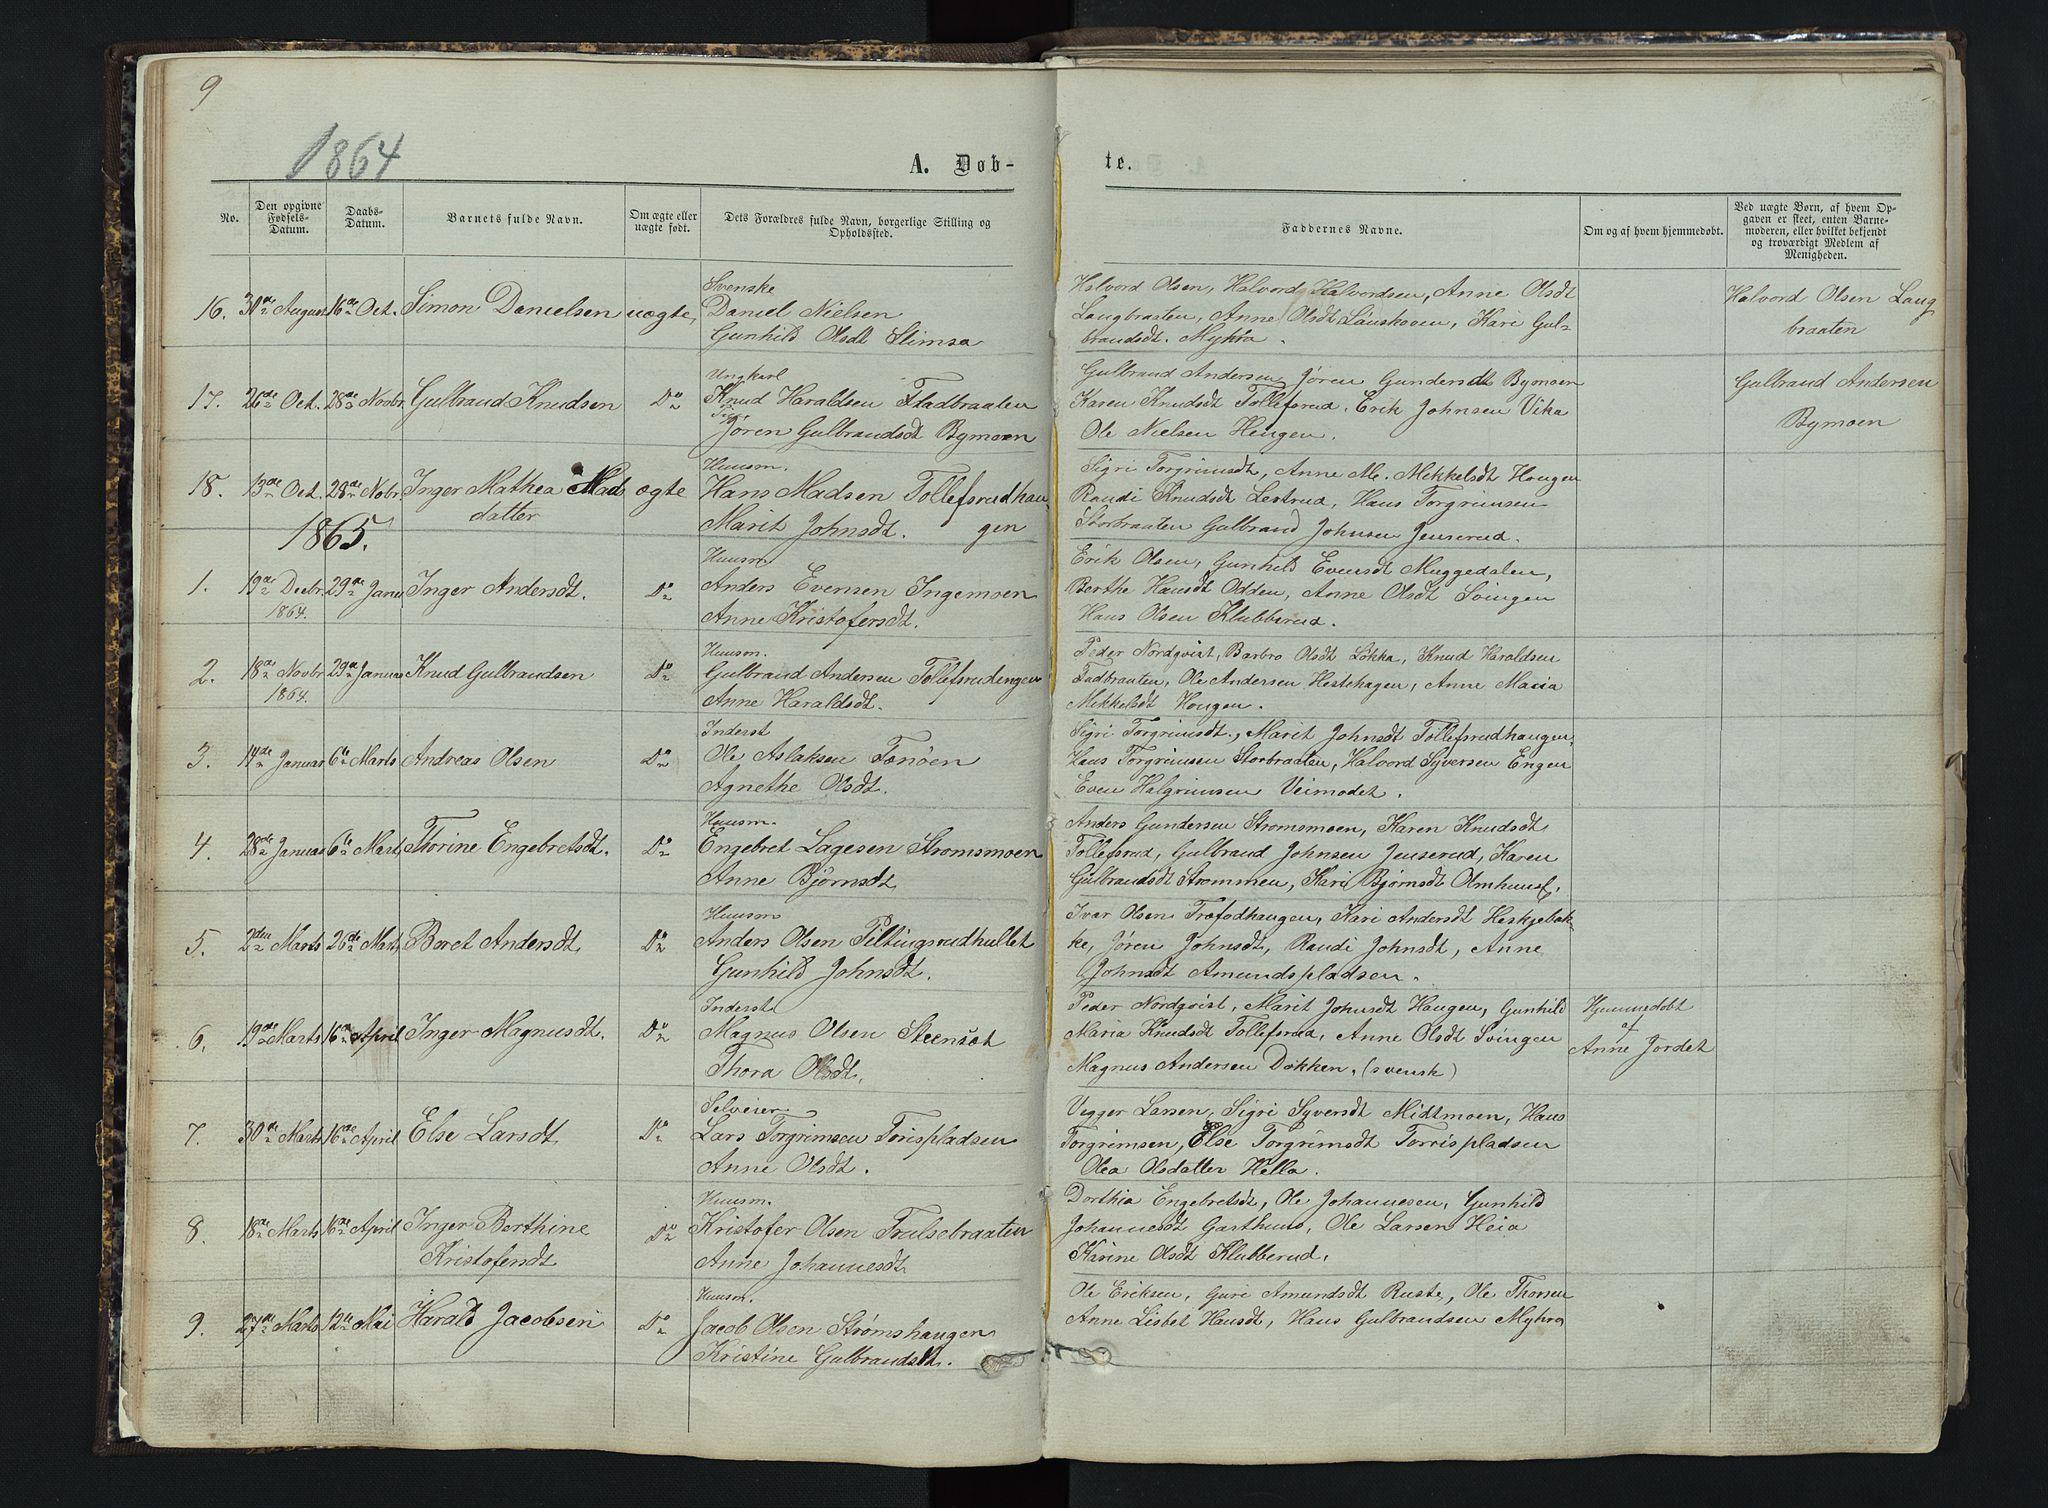 SAH, Sør-Aurdal prestekontor, Klokkerbok nr. 3, 1862-1893, s. 9